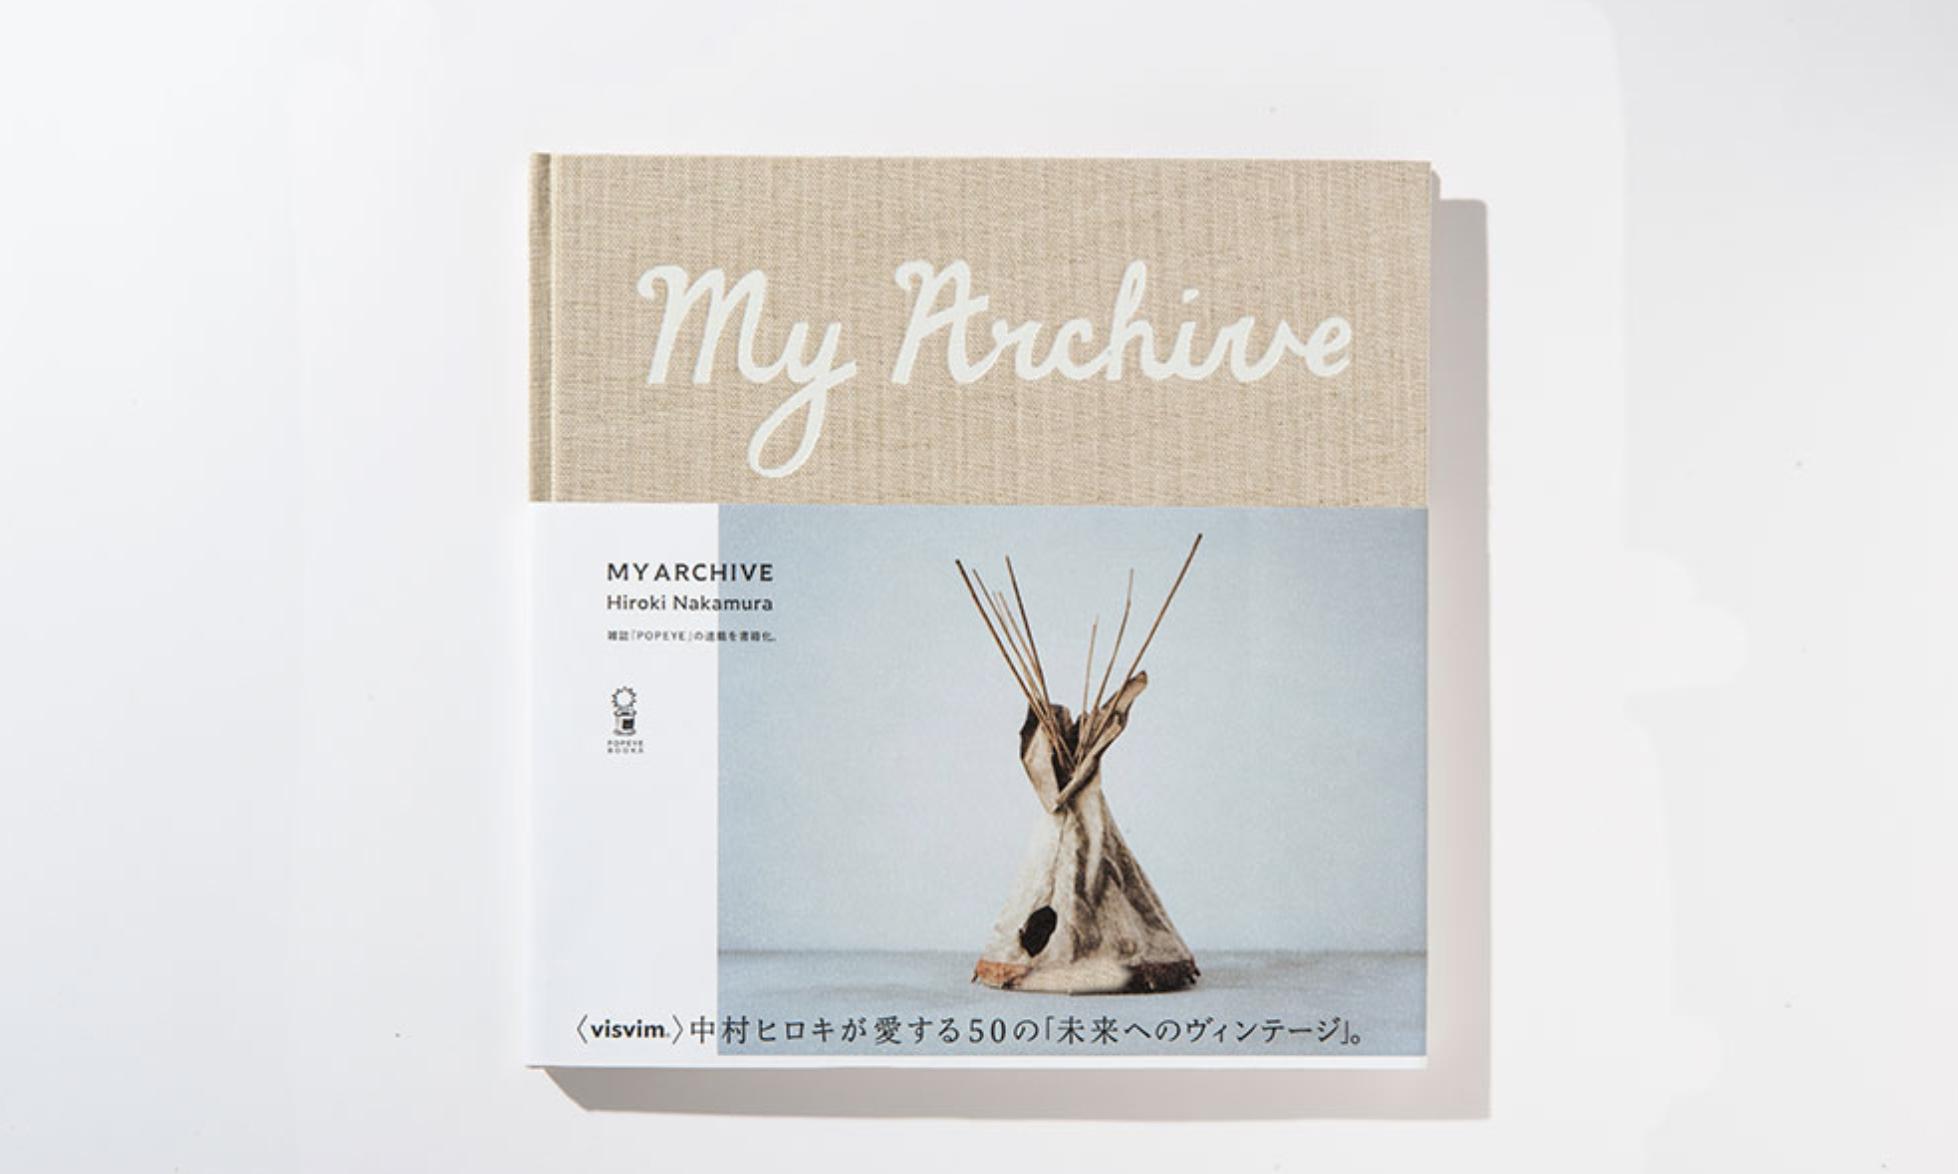 中村世纪发布新书《My Archive》,同时举办个人收藏展